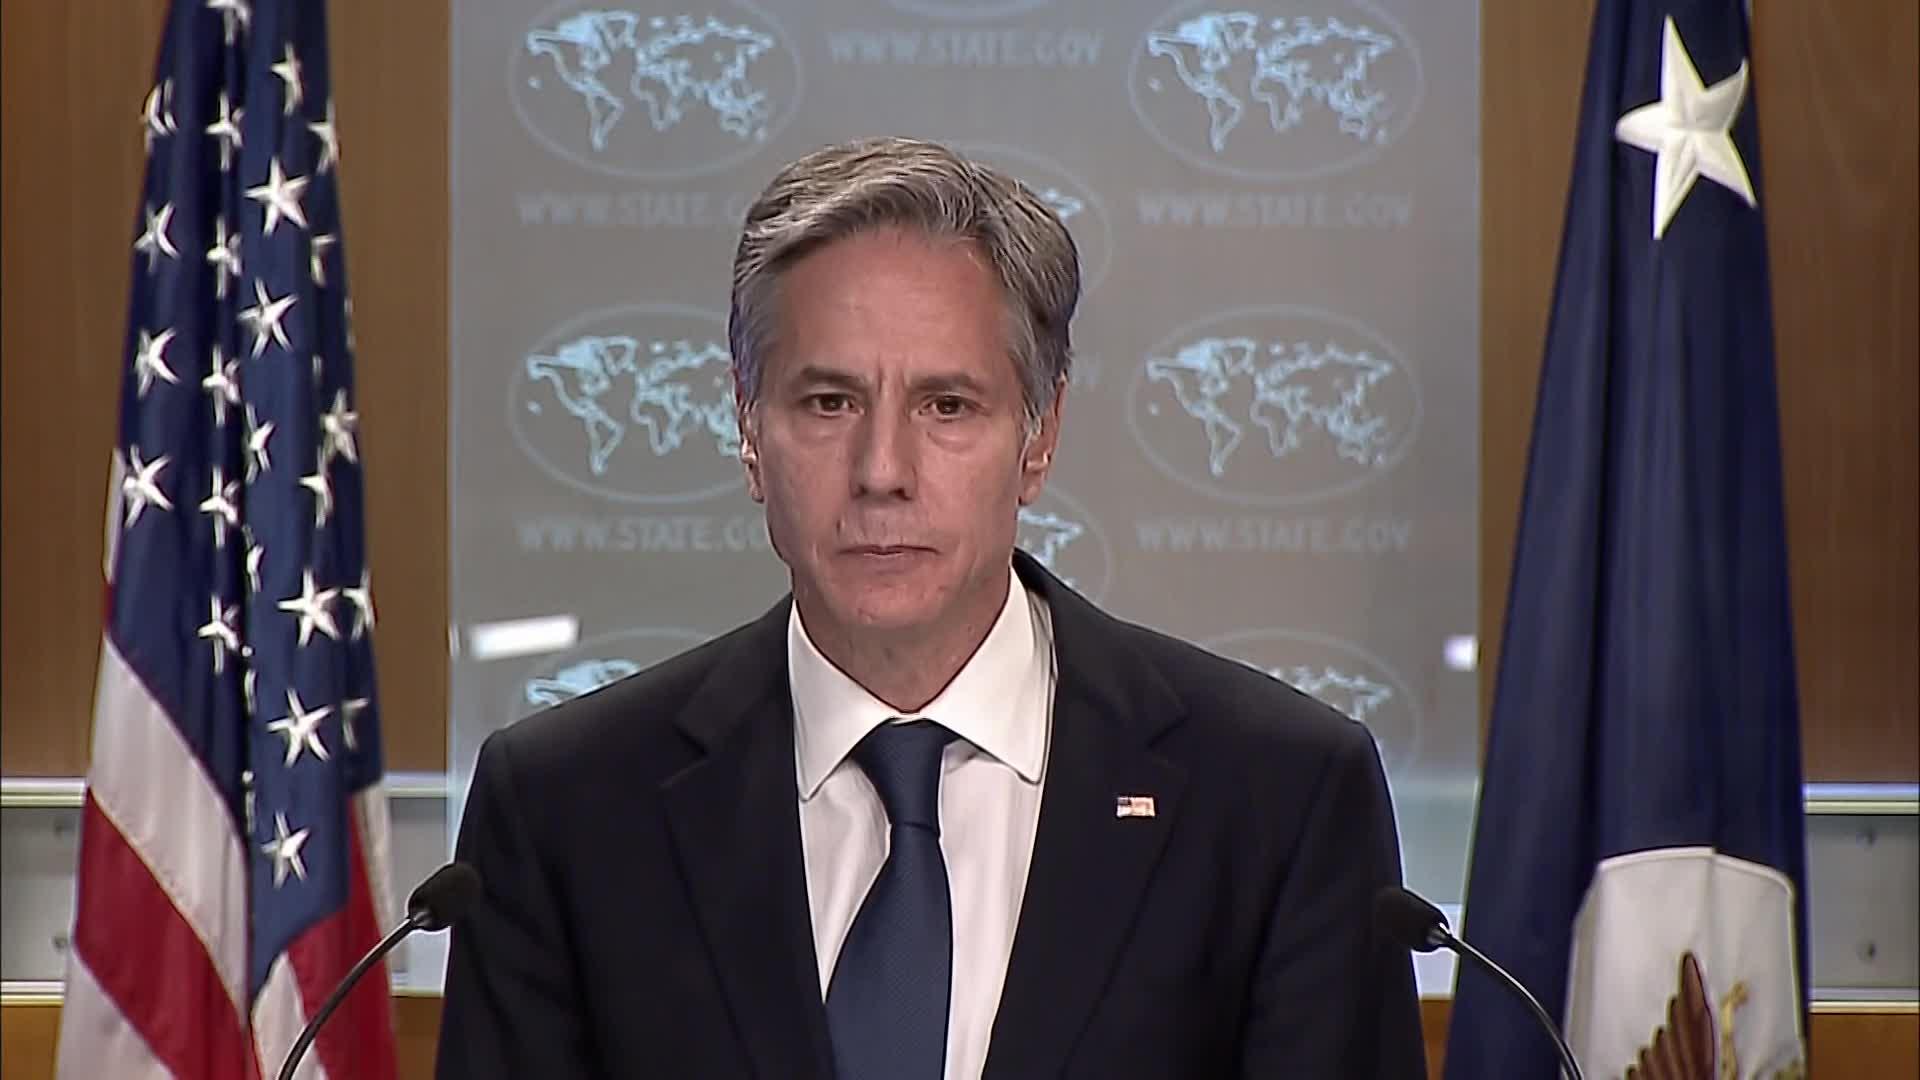 مؤتمر صحفي لوزير الخارجية الأميركي أنتوني بلينكن